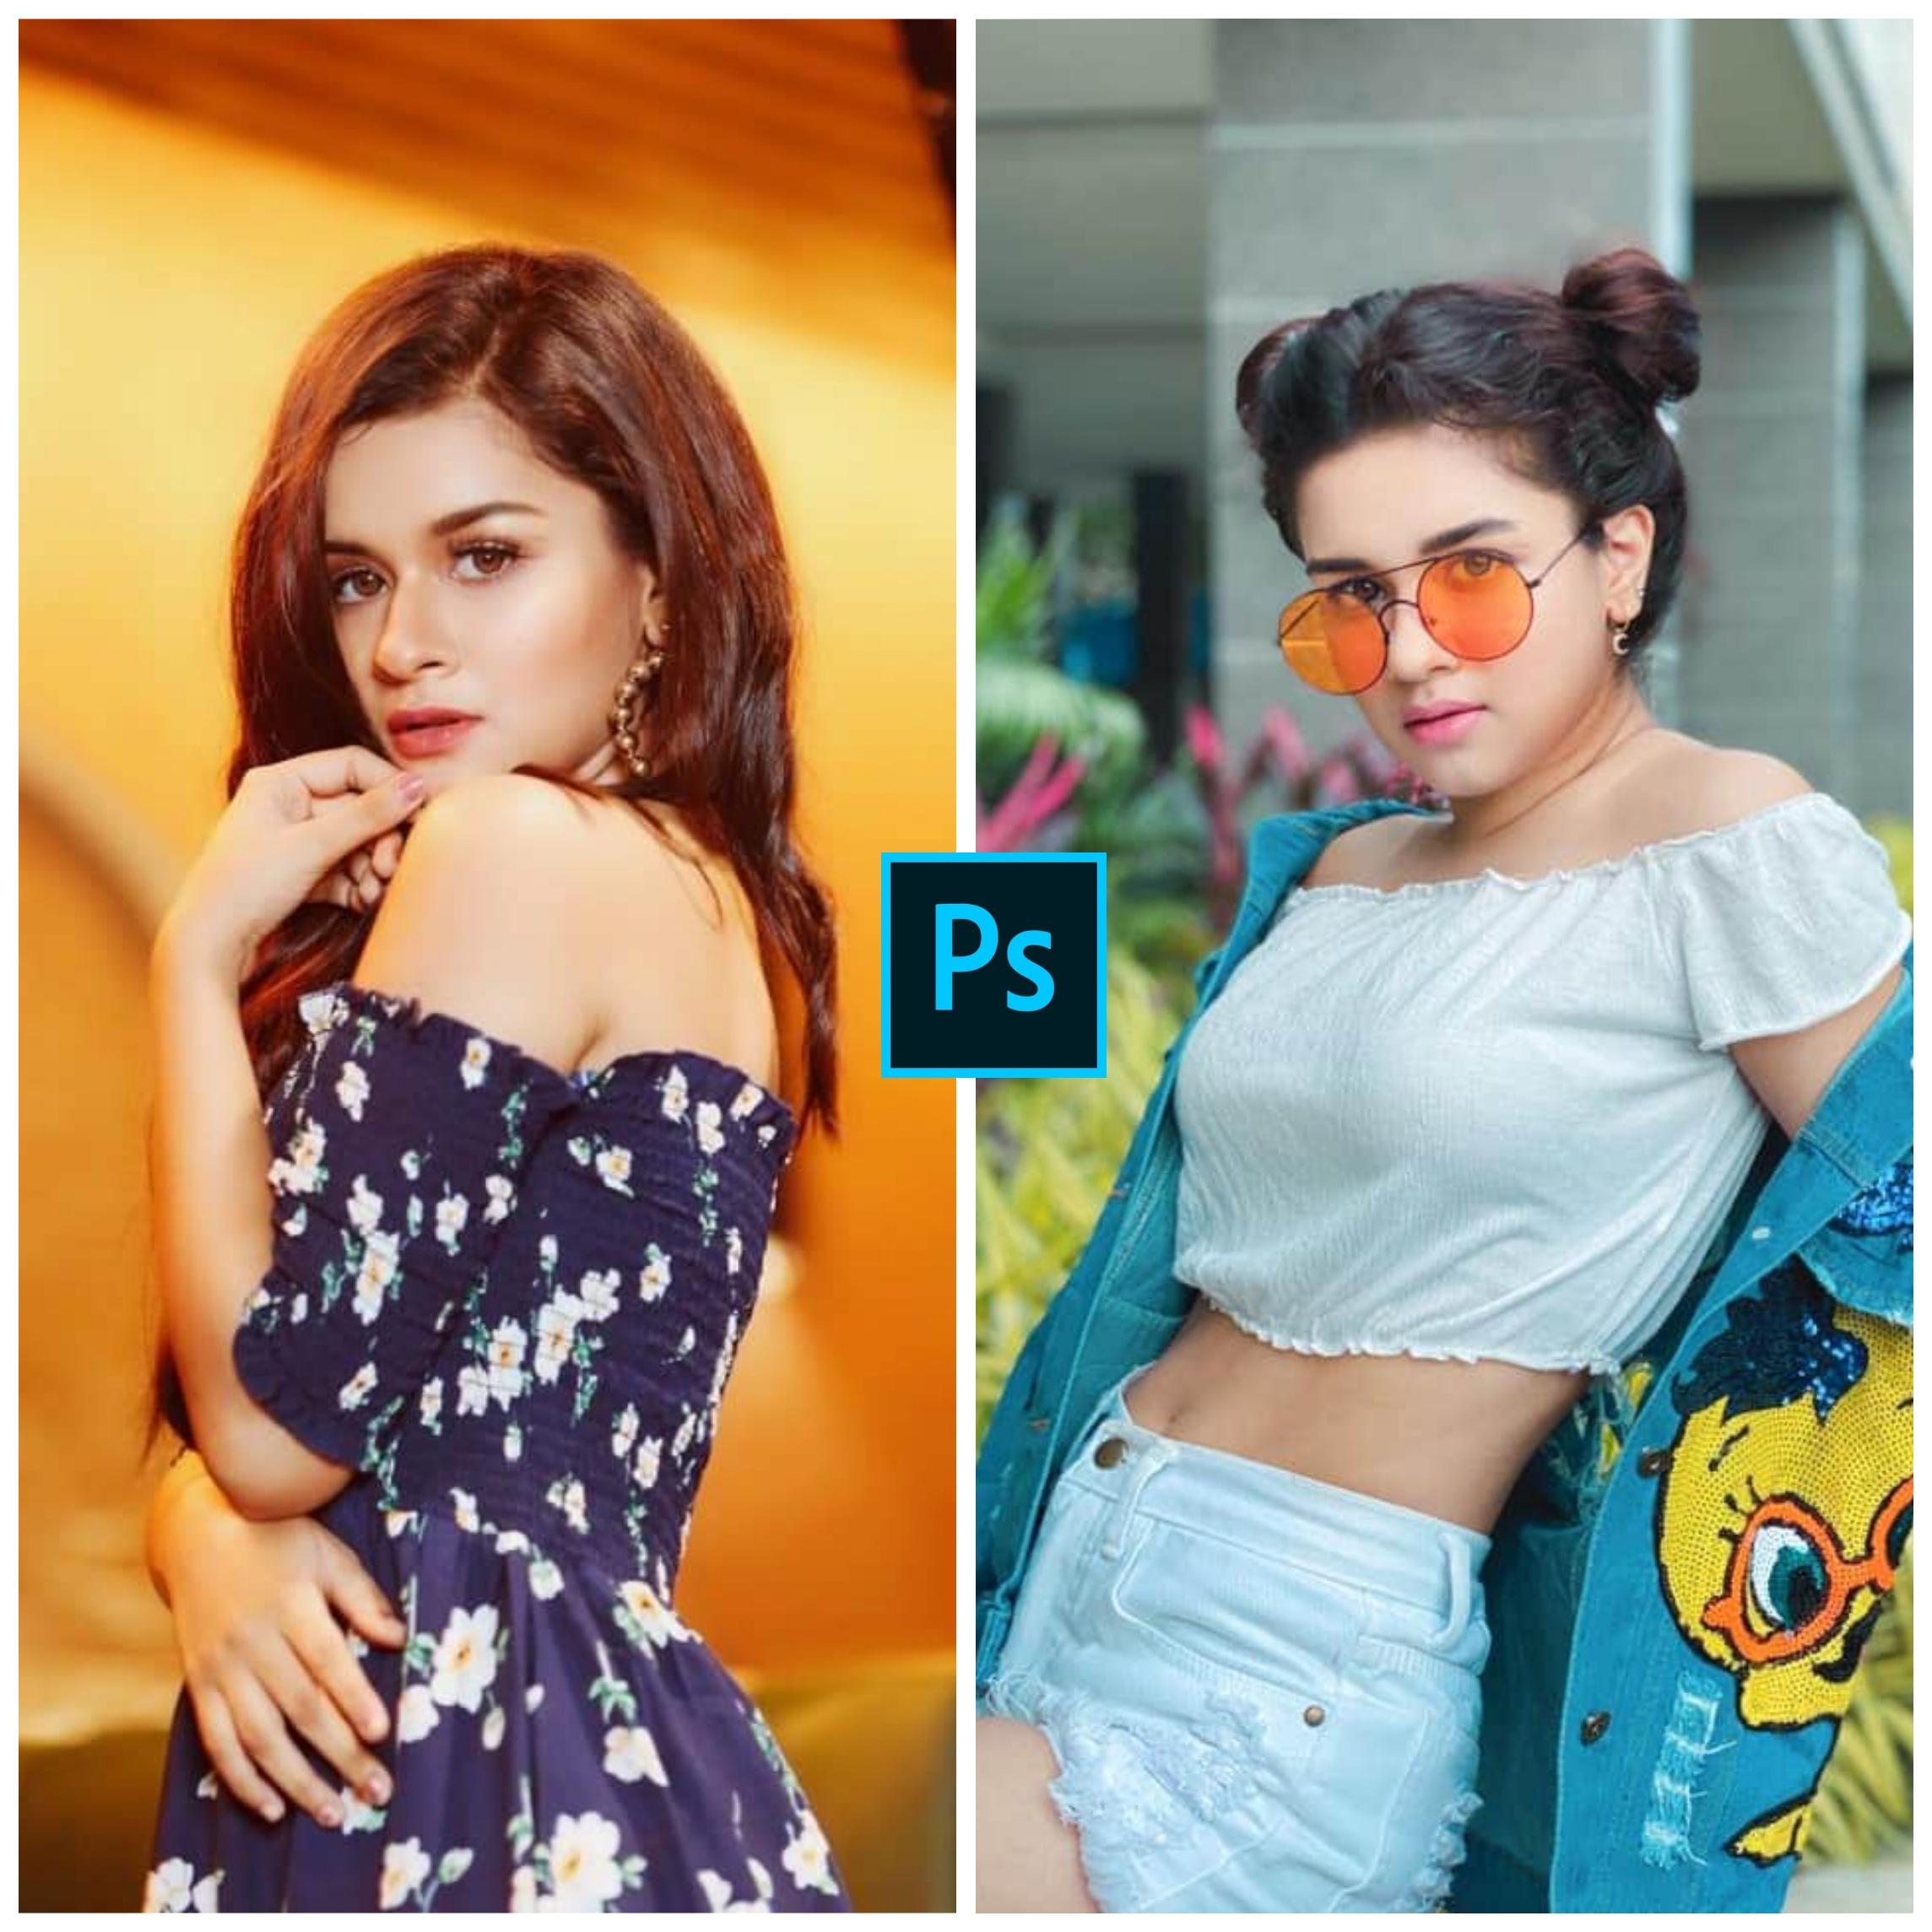 I will background change, photoshop photo edit,image retching